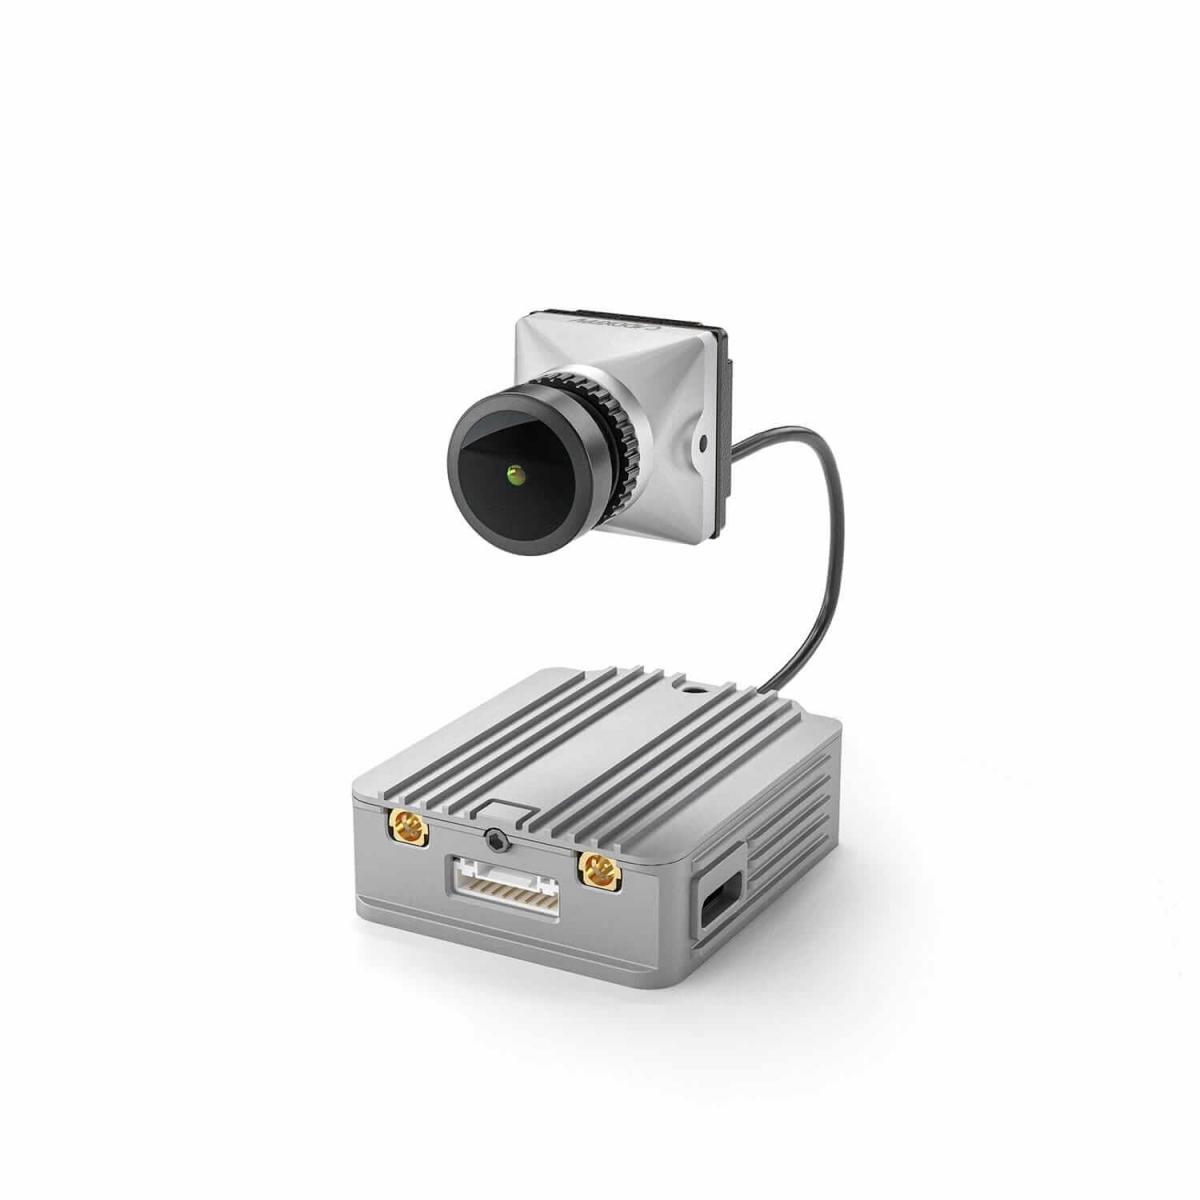 Kamera do drona wyścigowego FPV z kamerą cyfrową